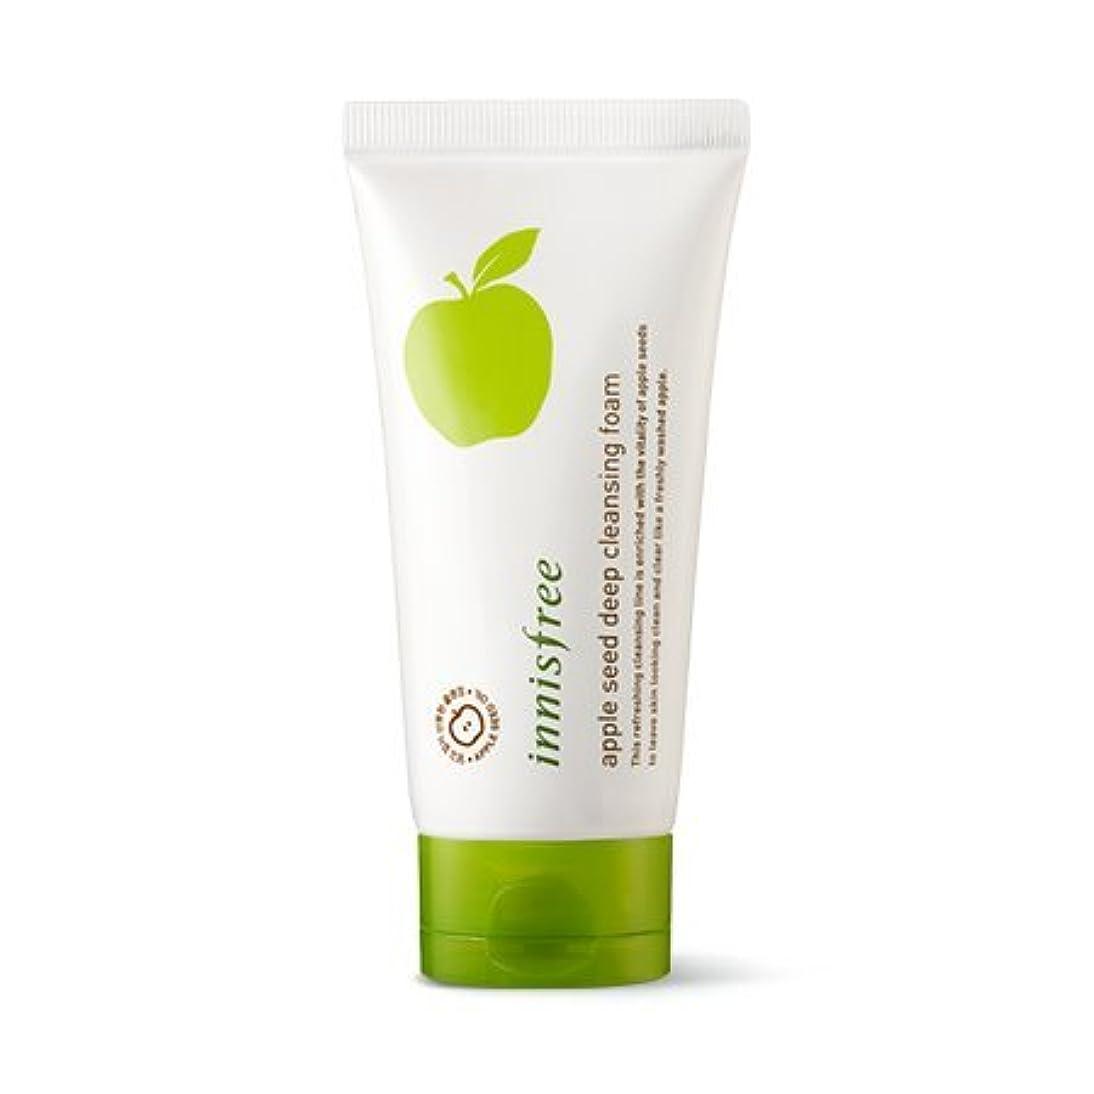 環境に優しい技術ご注意[New] innisfree Apple Seed Deep Cleansing Foam 150ml/イニスフリー アップル シード ディープ クレンジング フォーム 150ml